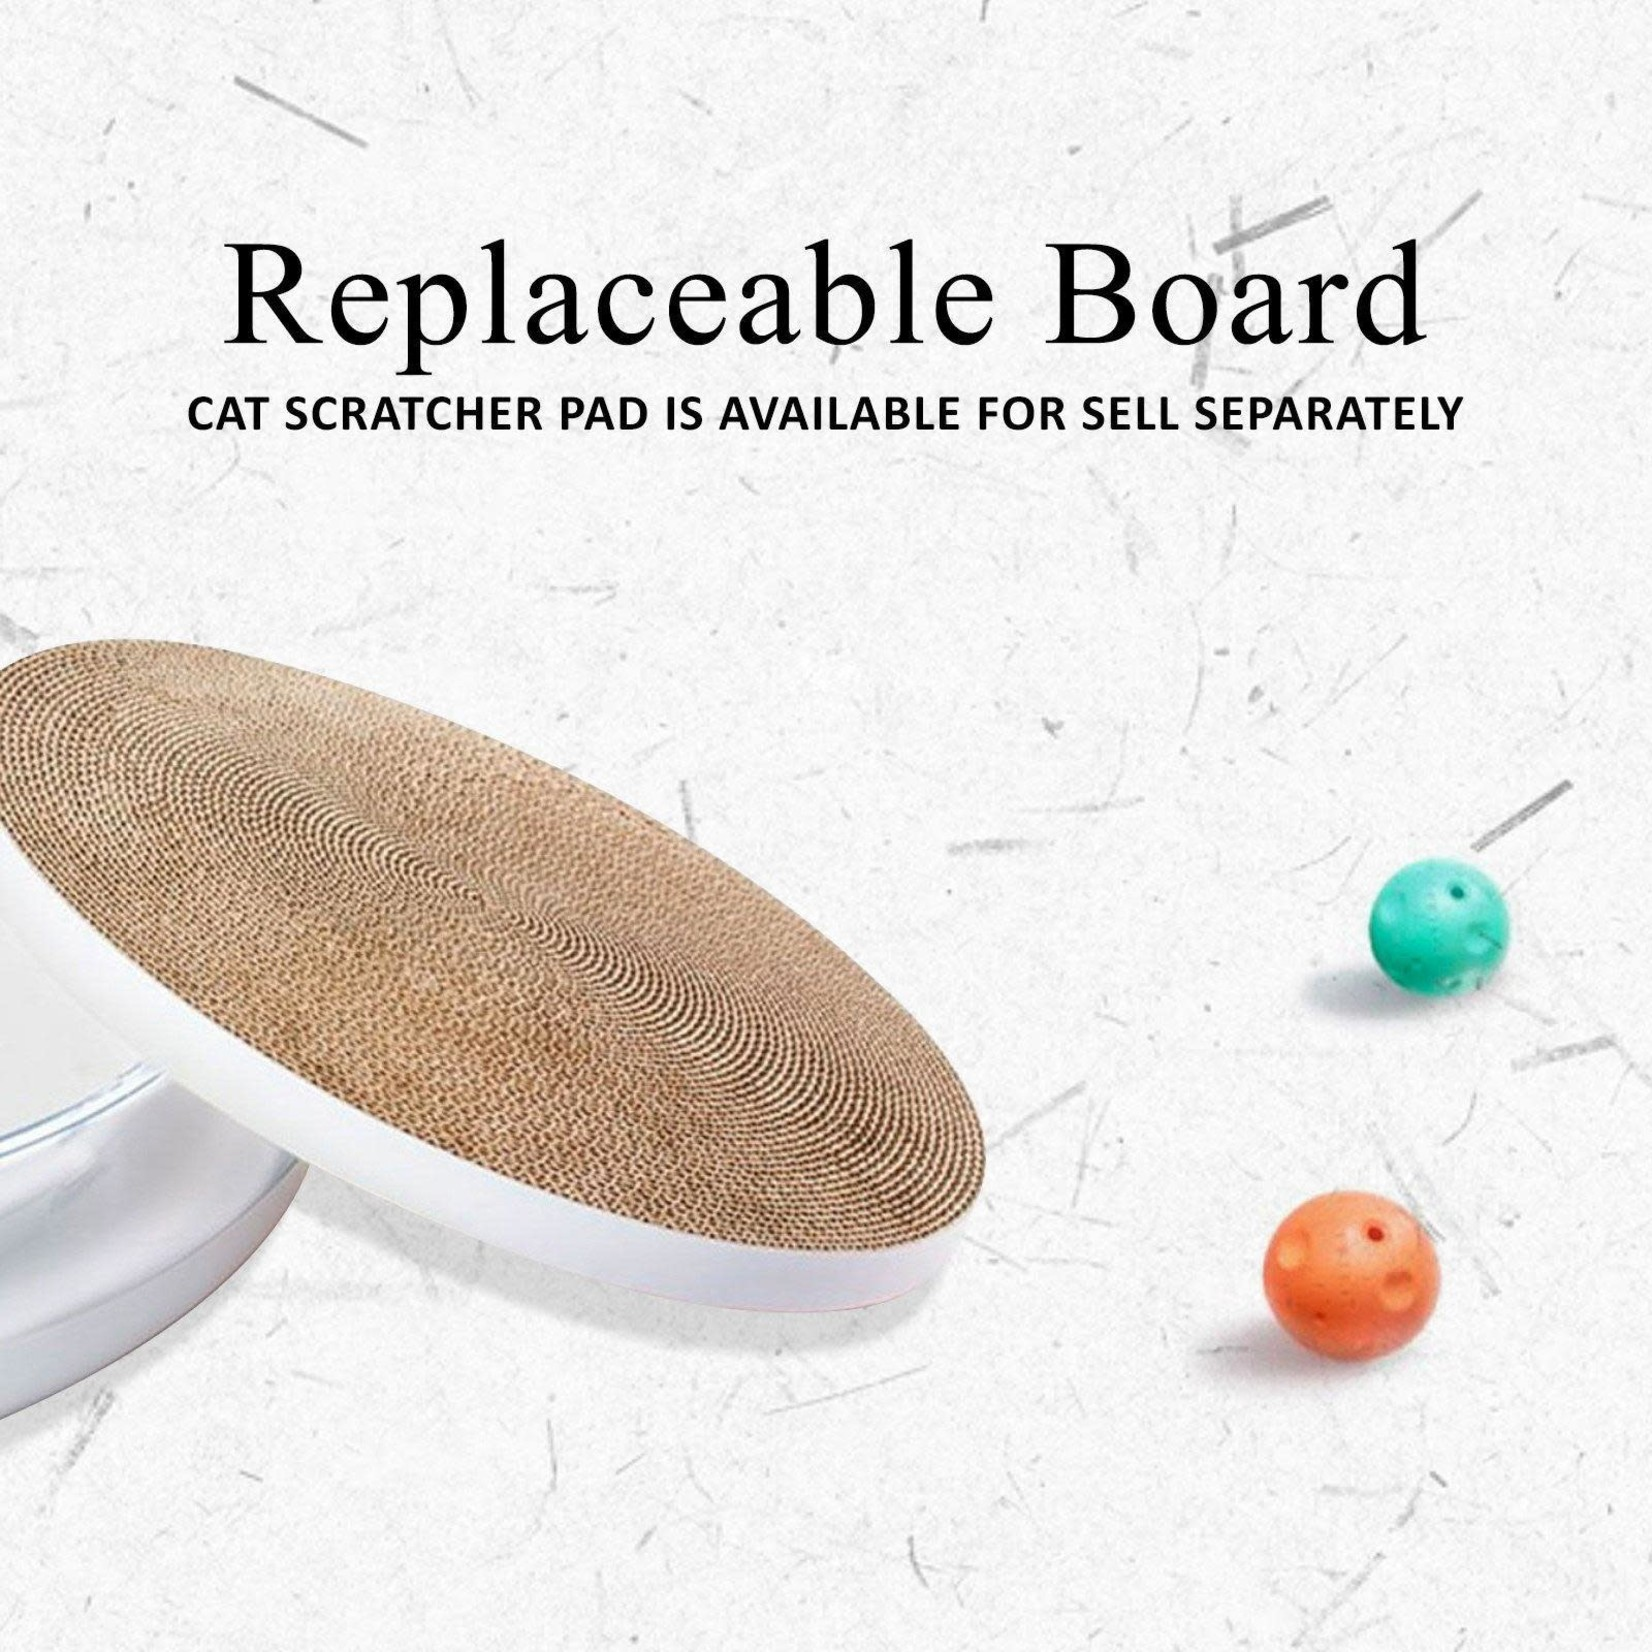 Petkit 4 in 1 Cat Replacement Scratcher board